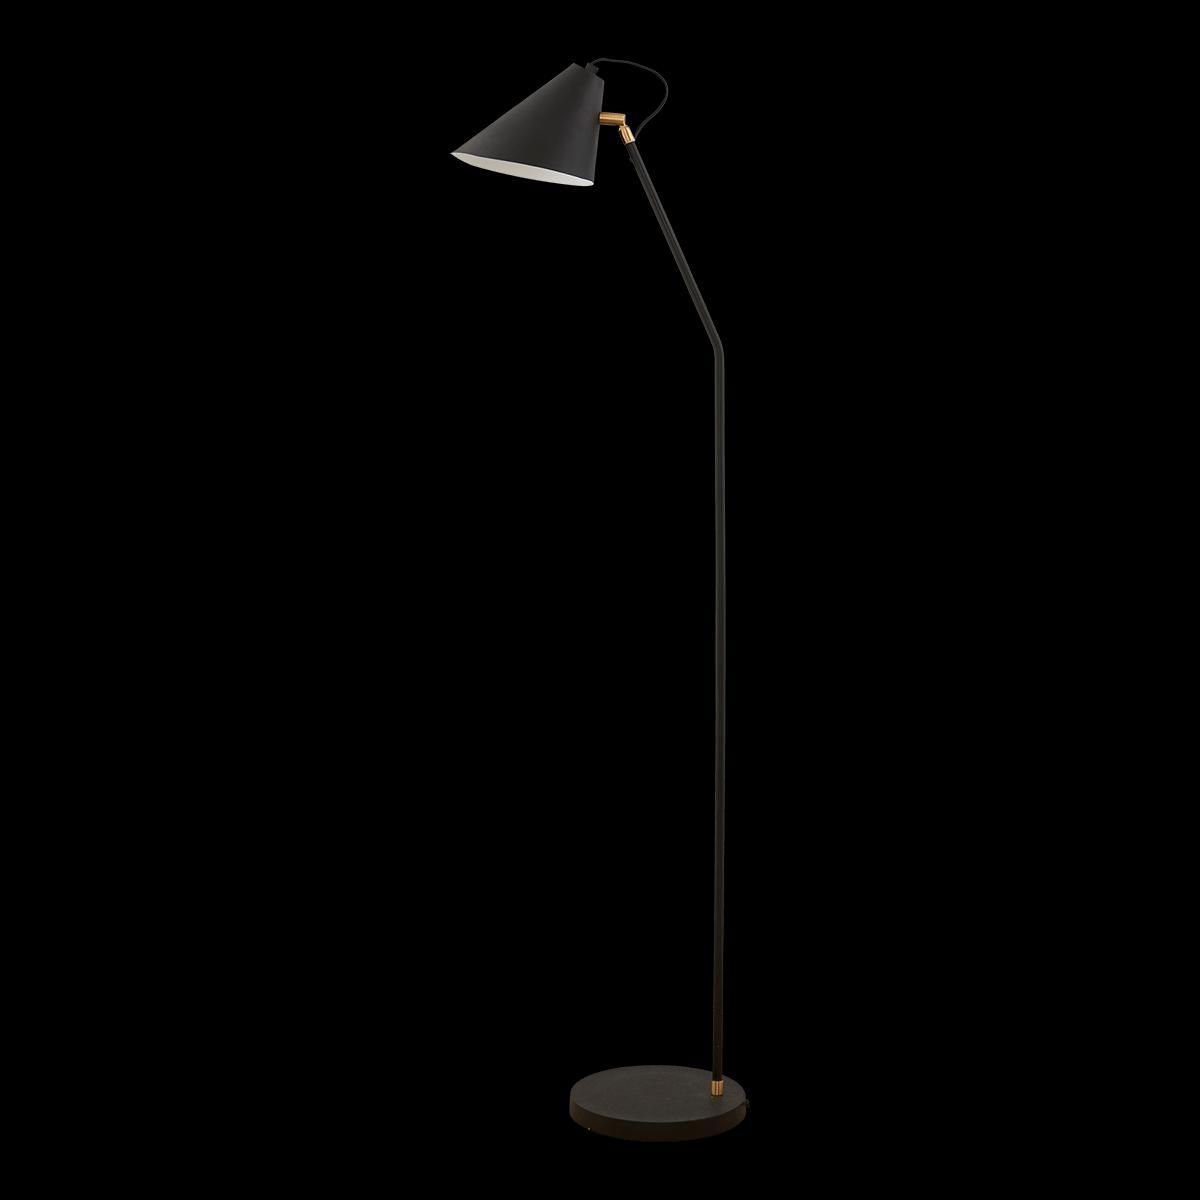 Čierna stojaca lampa Club